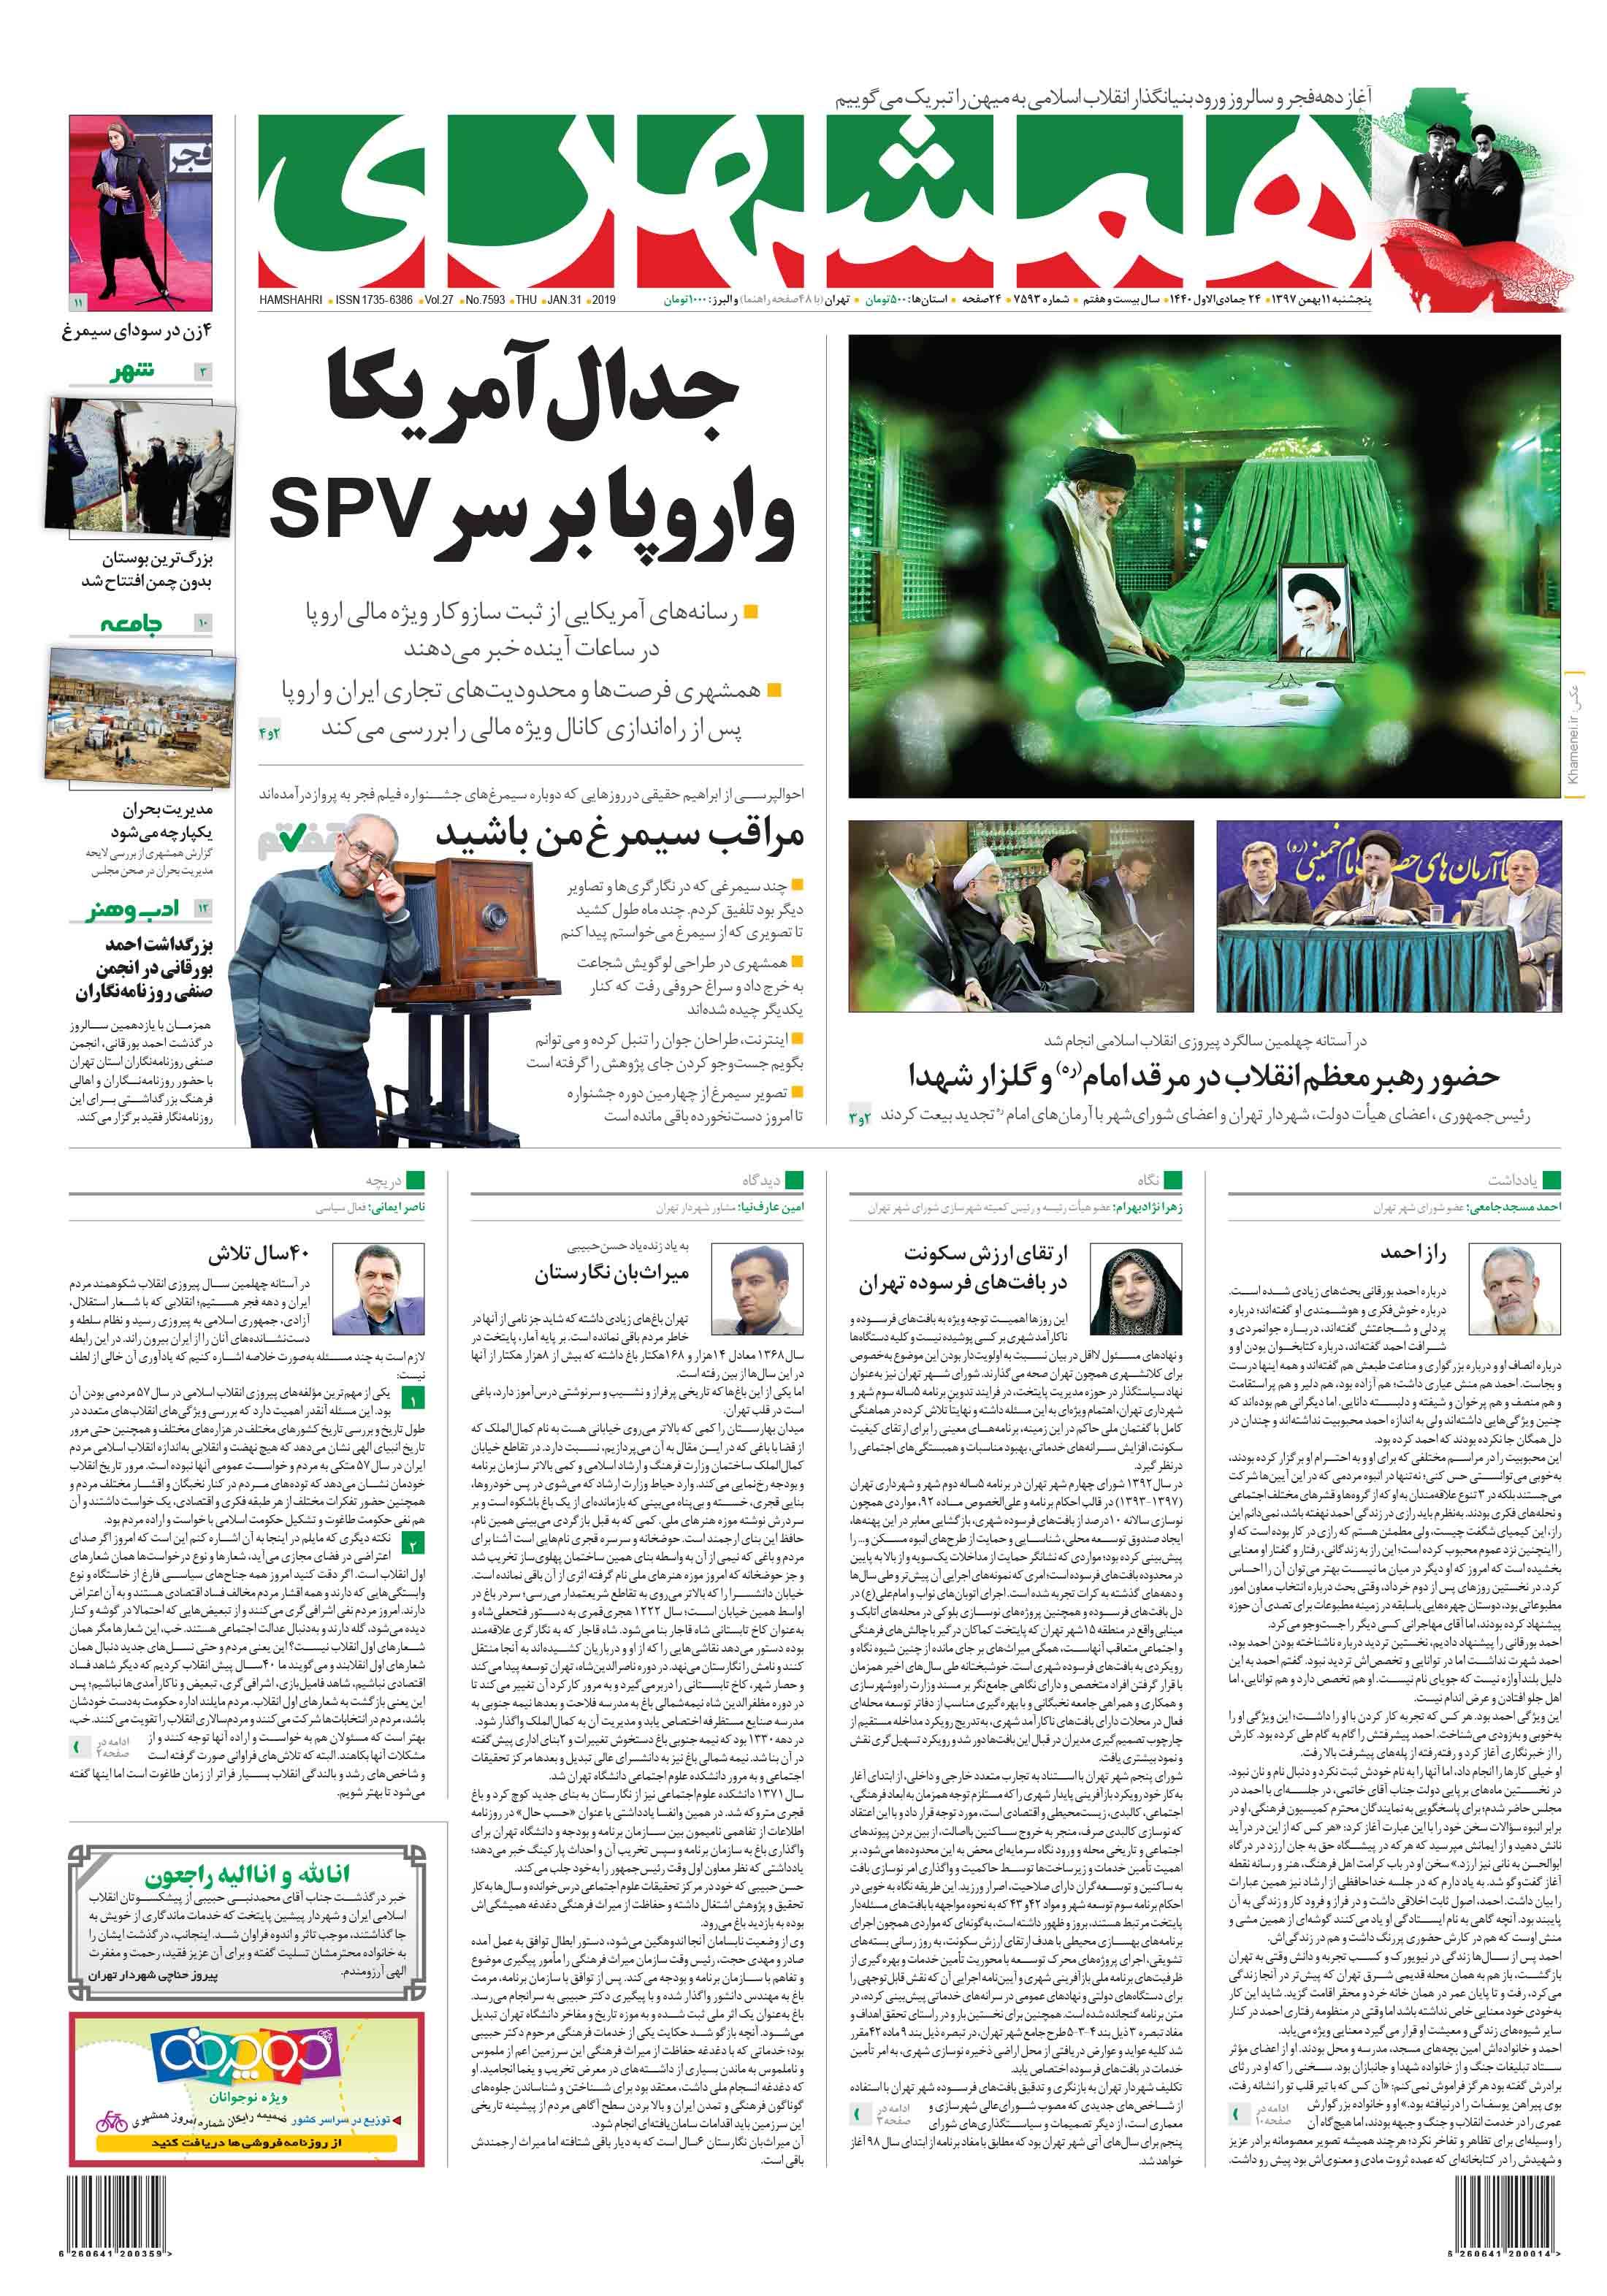 صفحه اول پنجشنبه 11 بهمن 1397